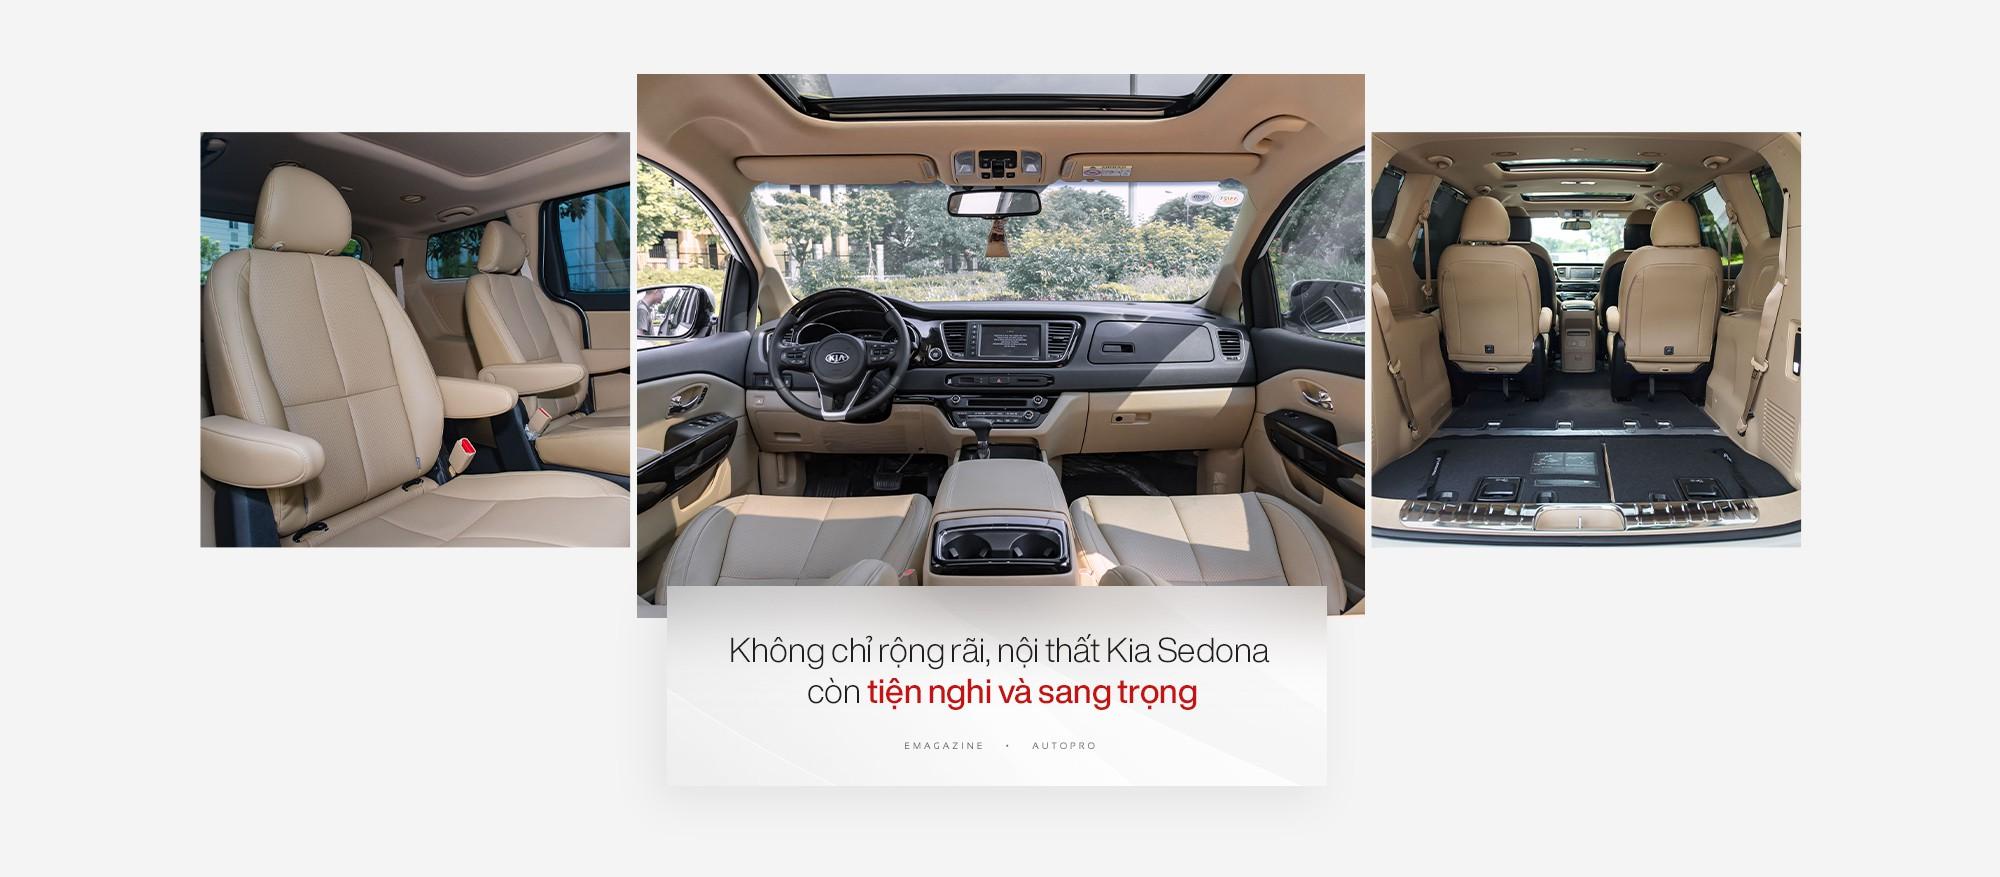 Đánh giá Kia Sedona: Sang trọng & Tiện nghi phục vụ từ gia đình tới doanh nghiệp - Ảnh 2.